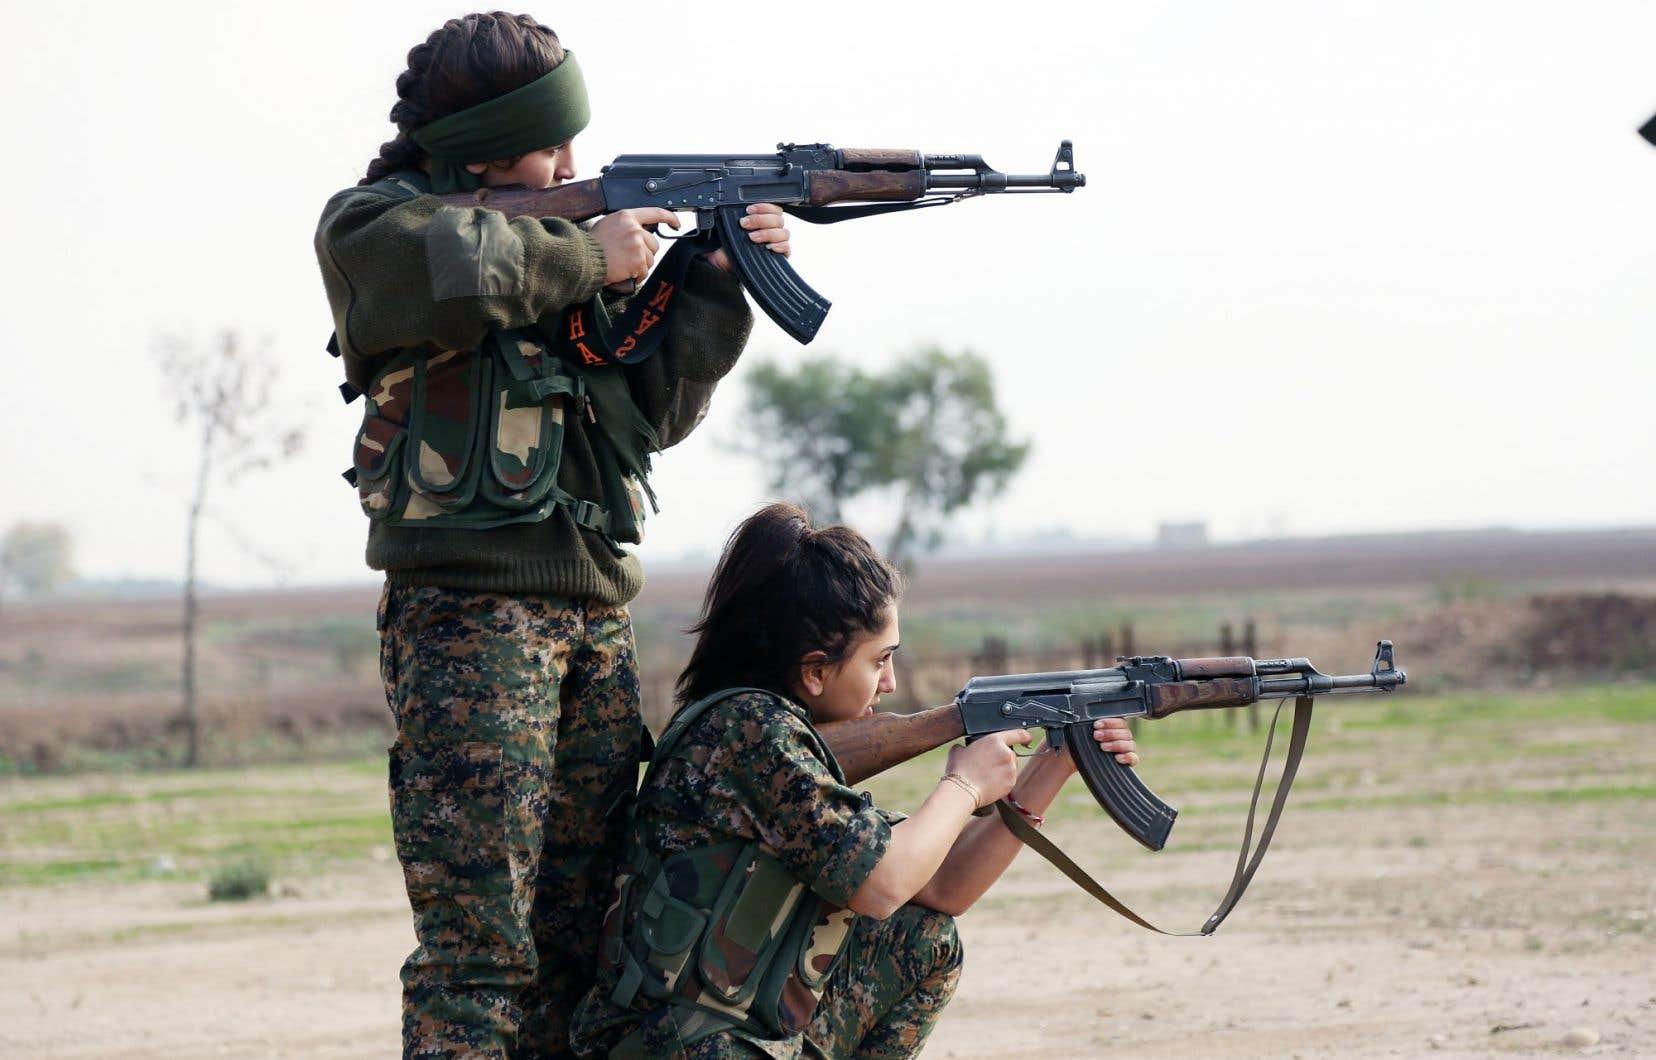 Les femmes suivent des entraînements militaires, sportifs et académiques pour résister à la tension des combats et manier les armes.